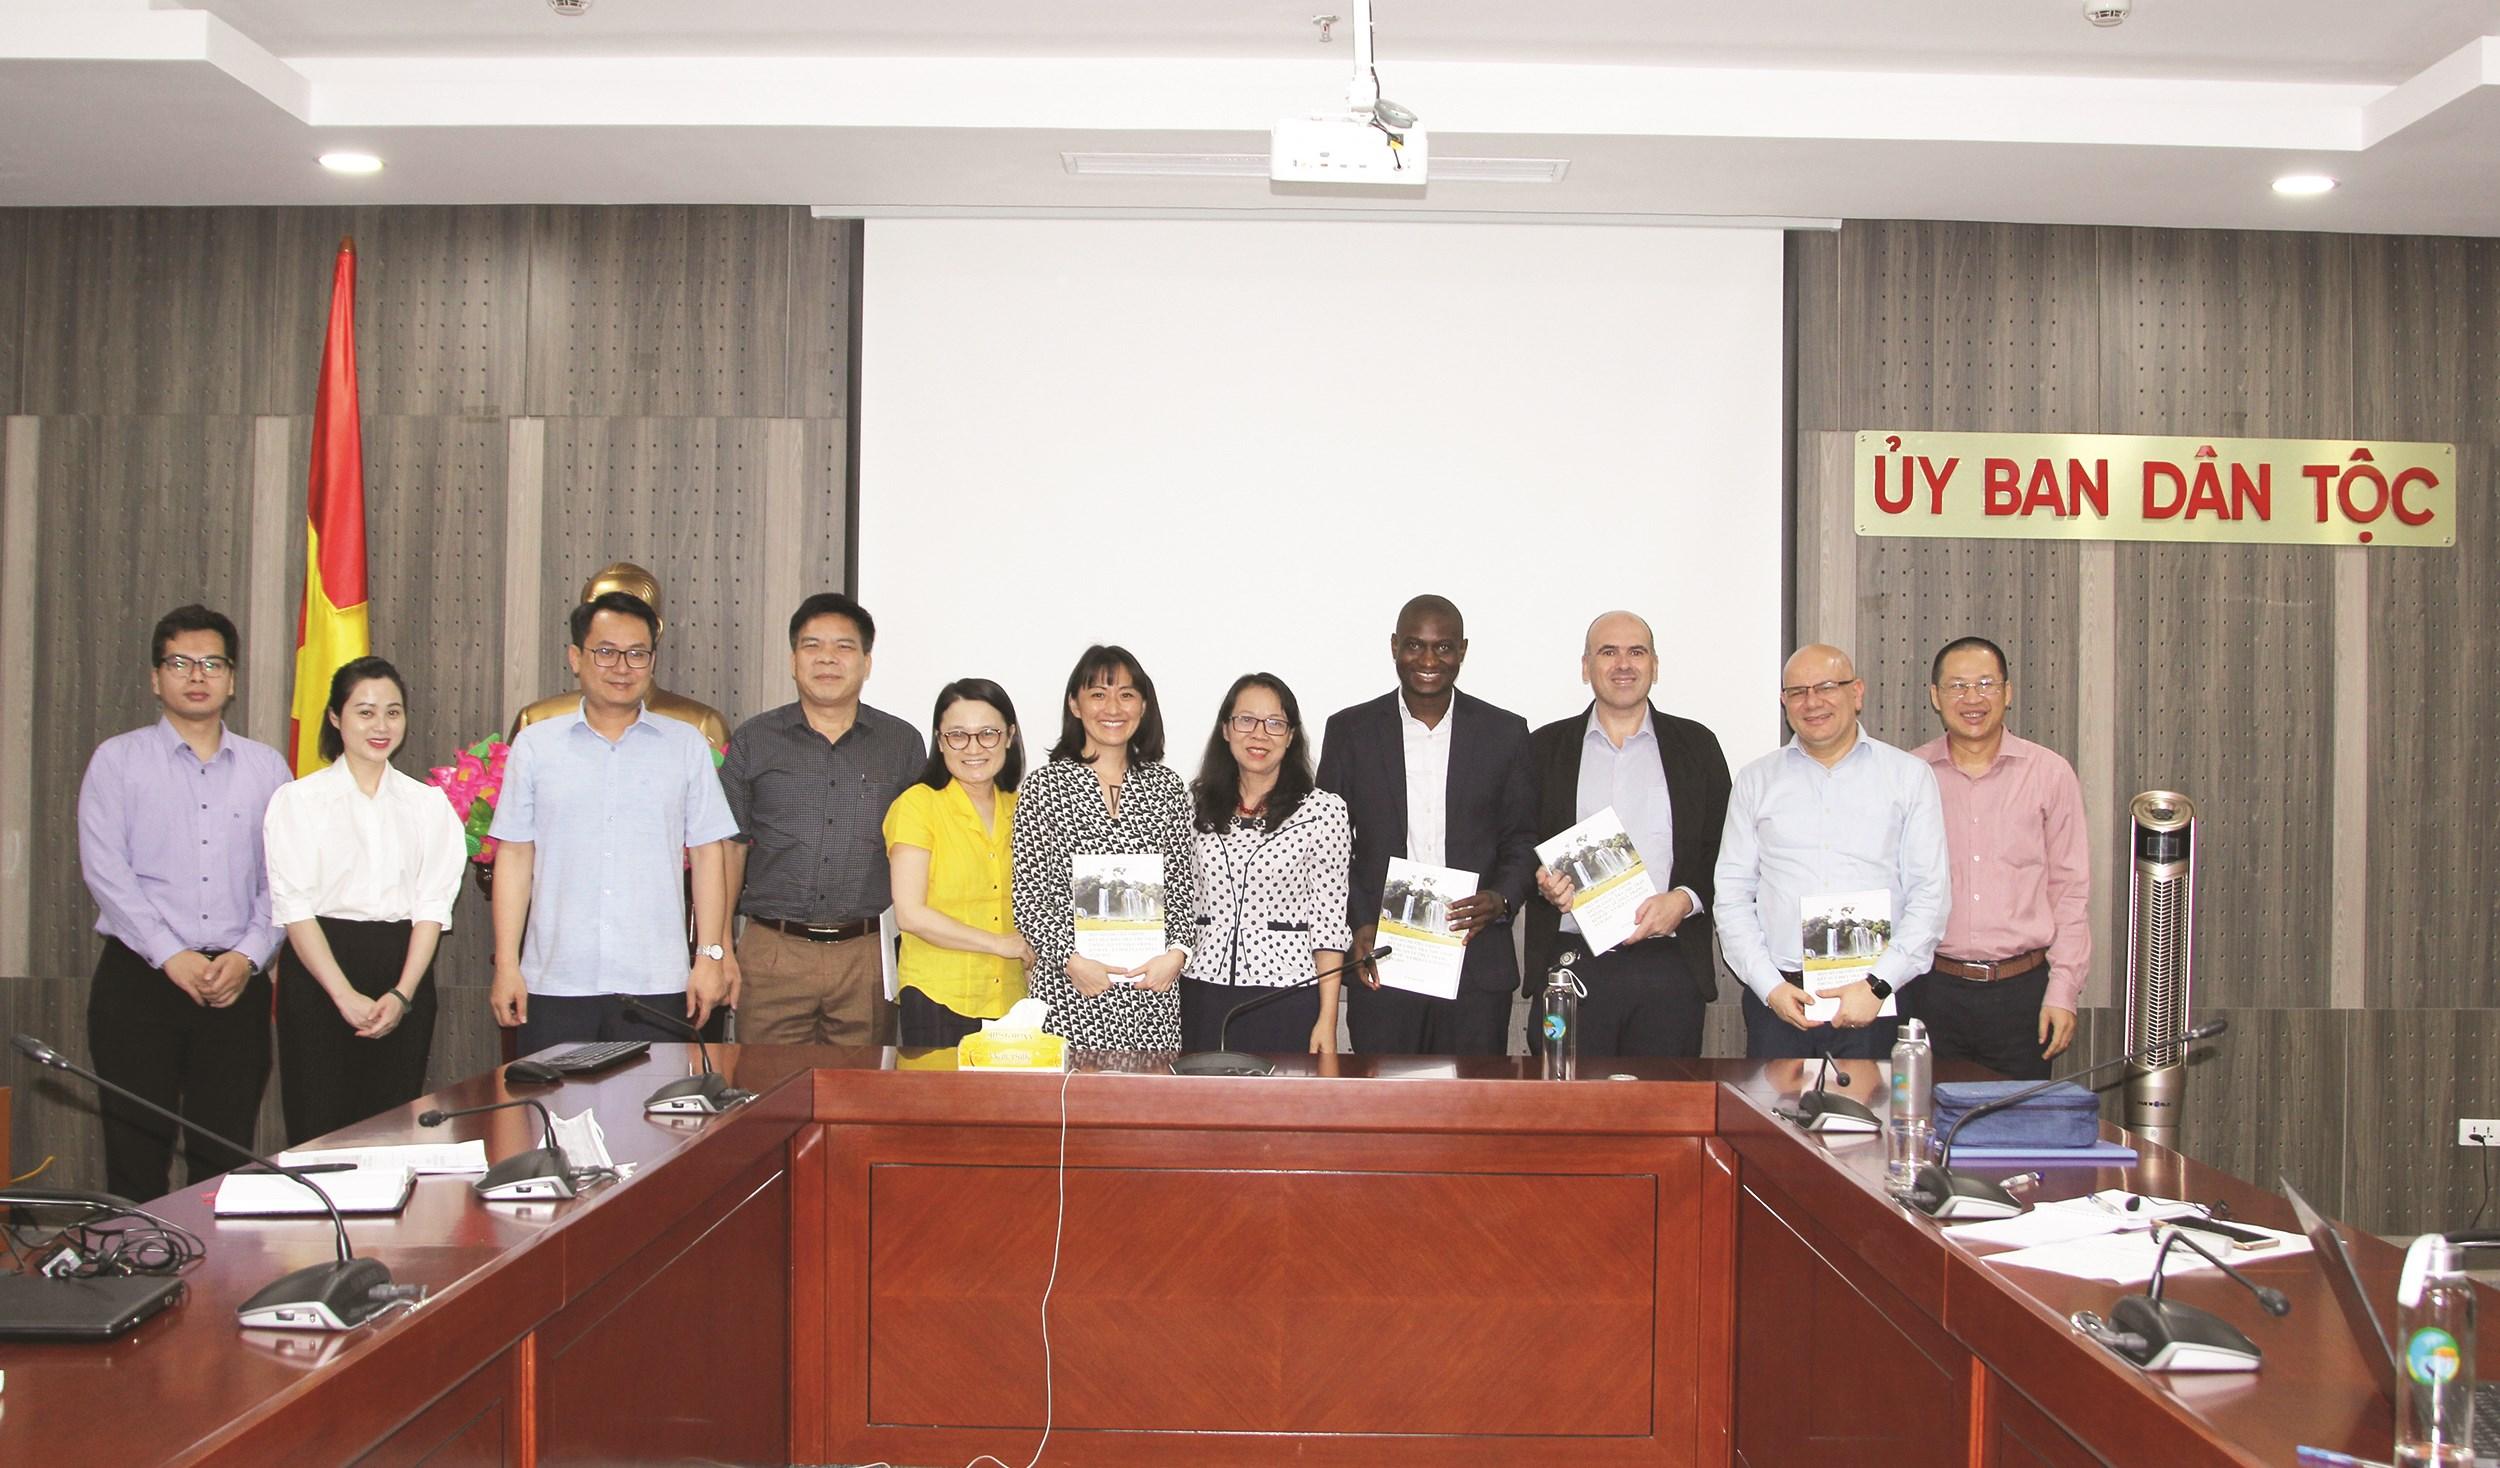 Các đại biểu chụp ảnh lưu niệm sau cuộc họp.